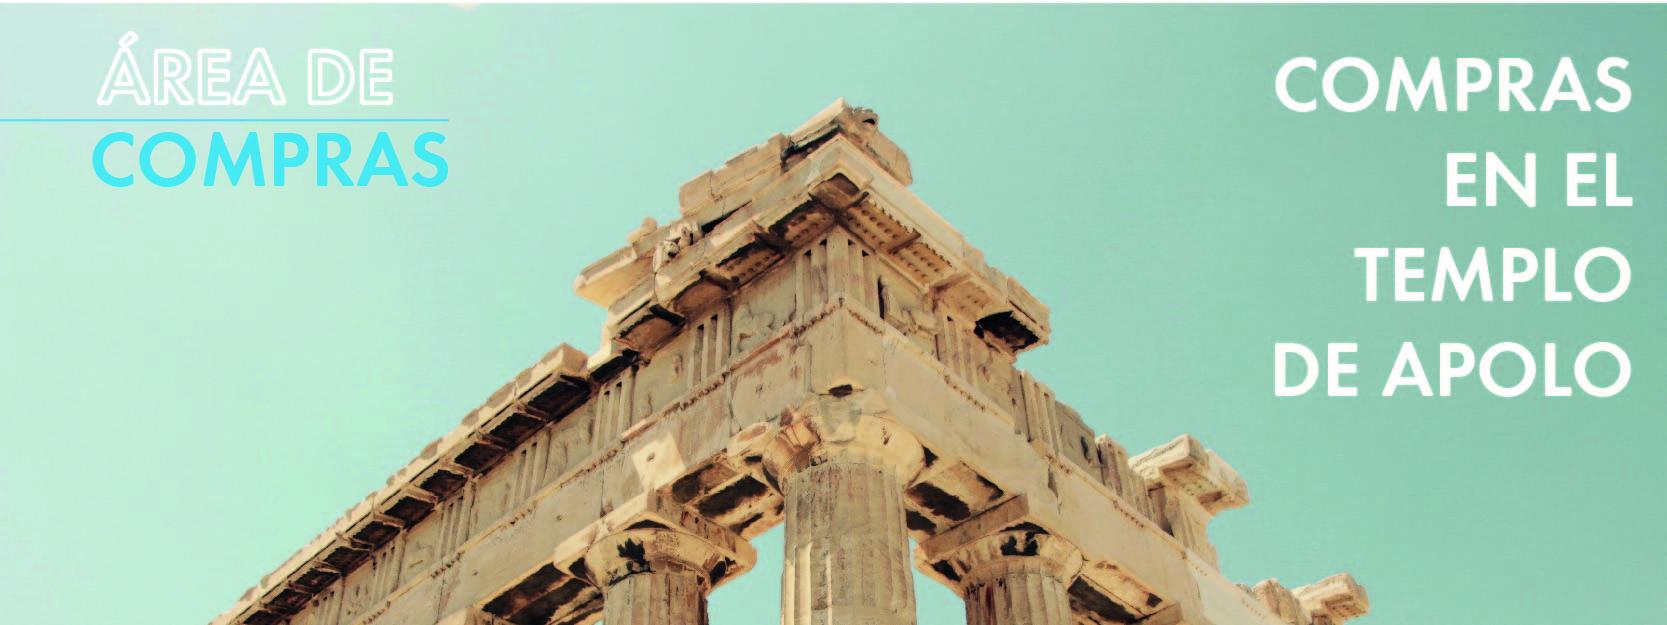 Compras en el templo de Apolo